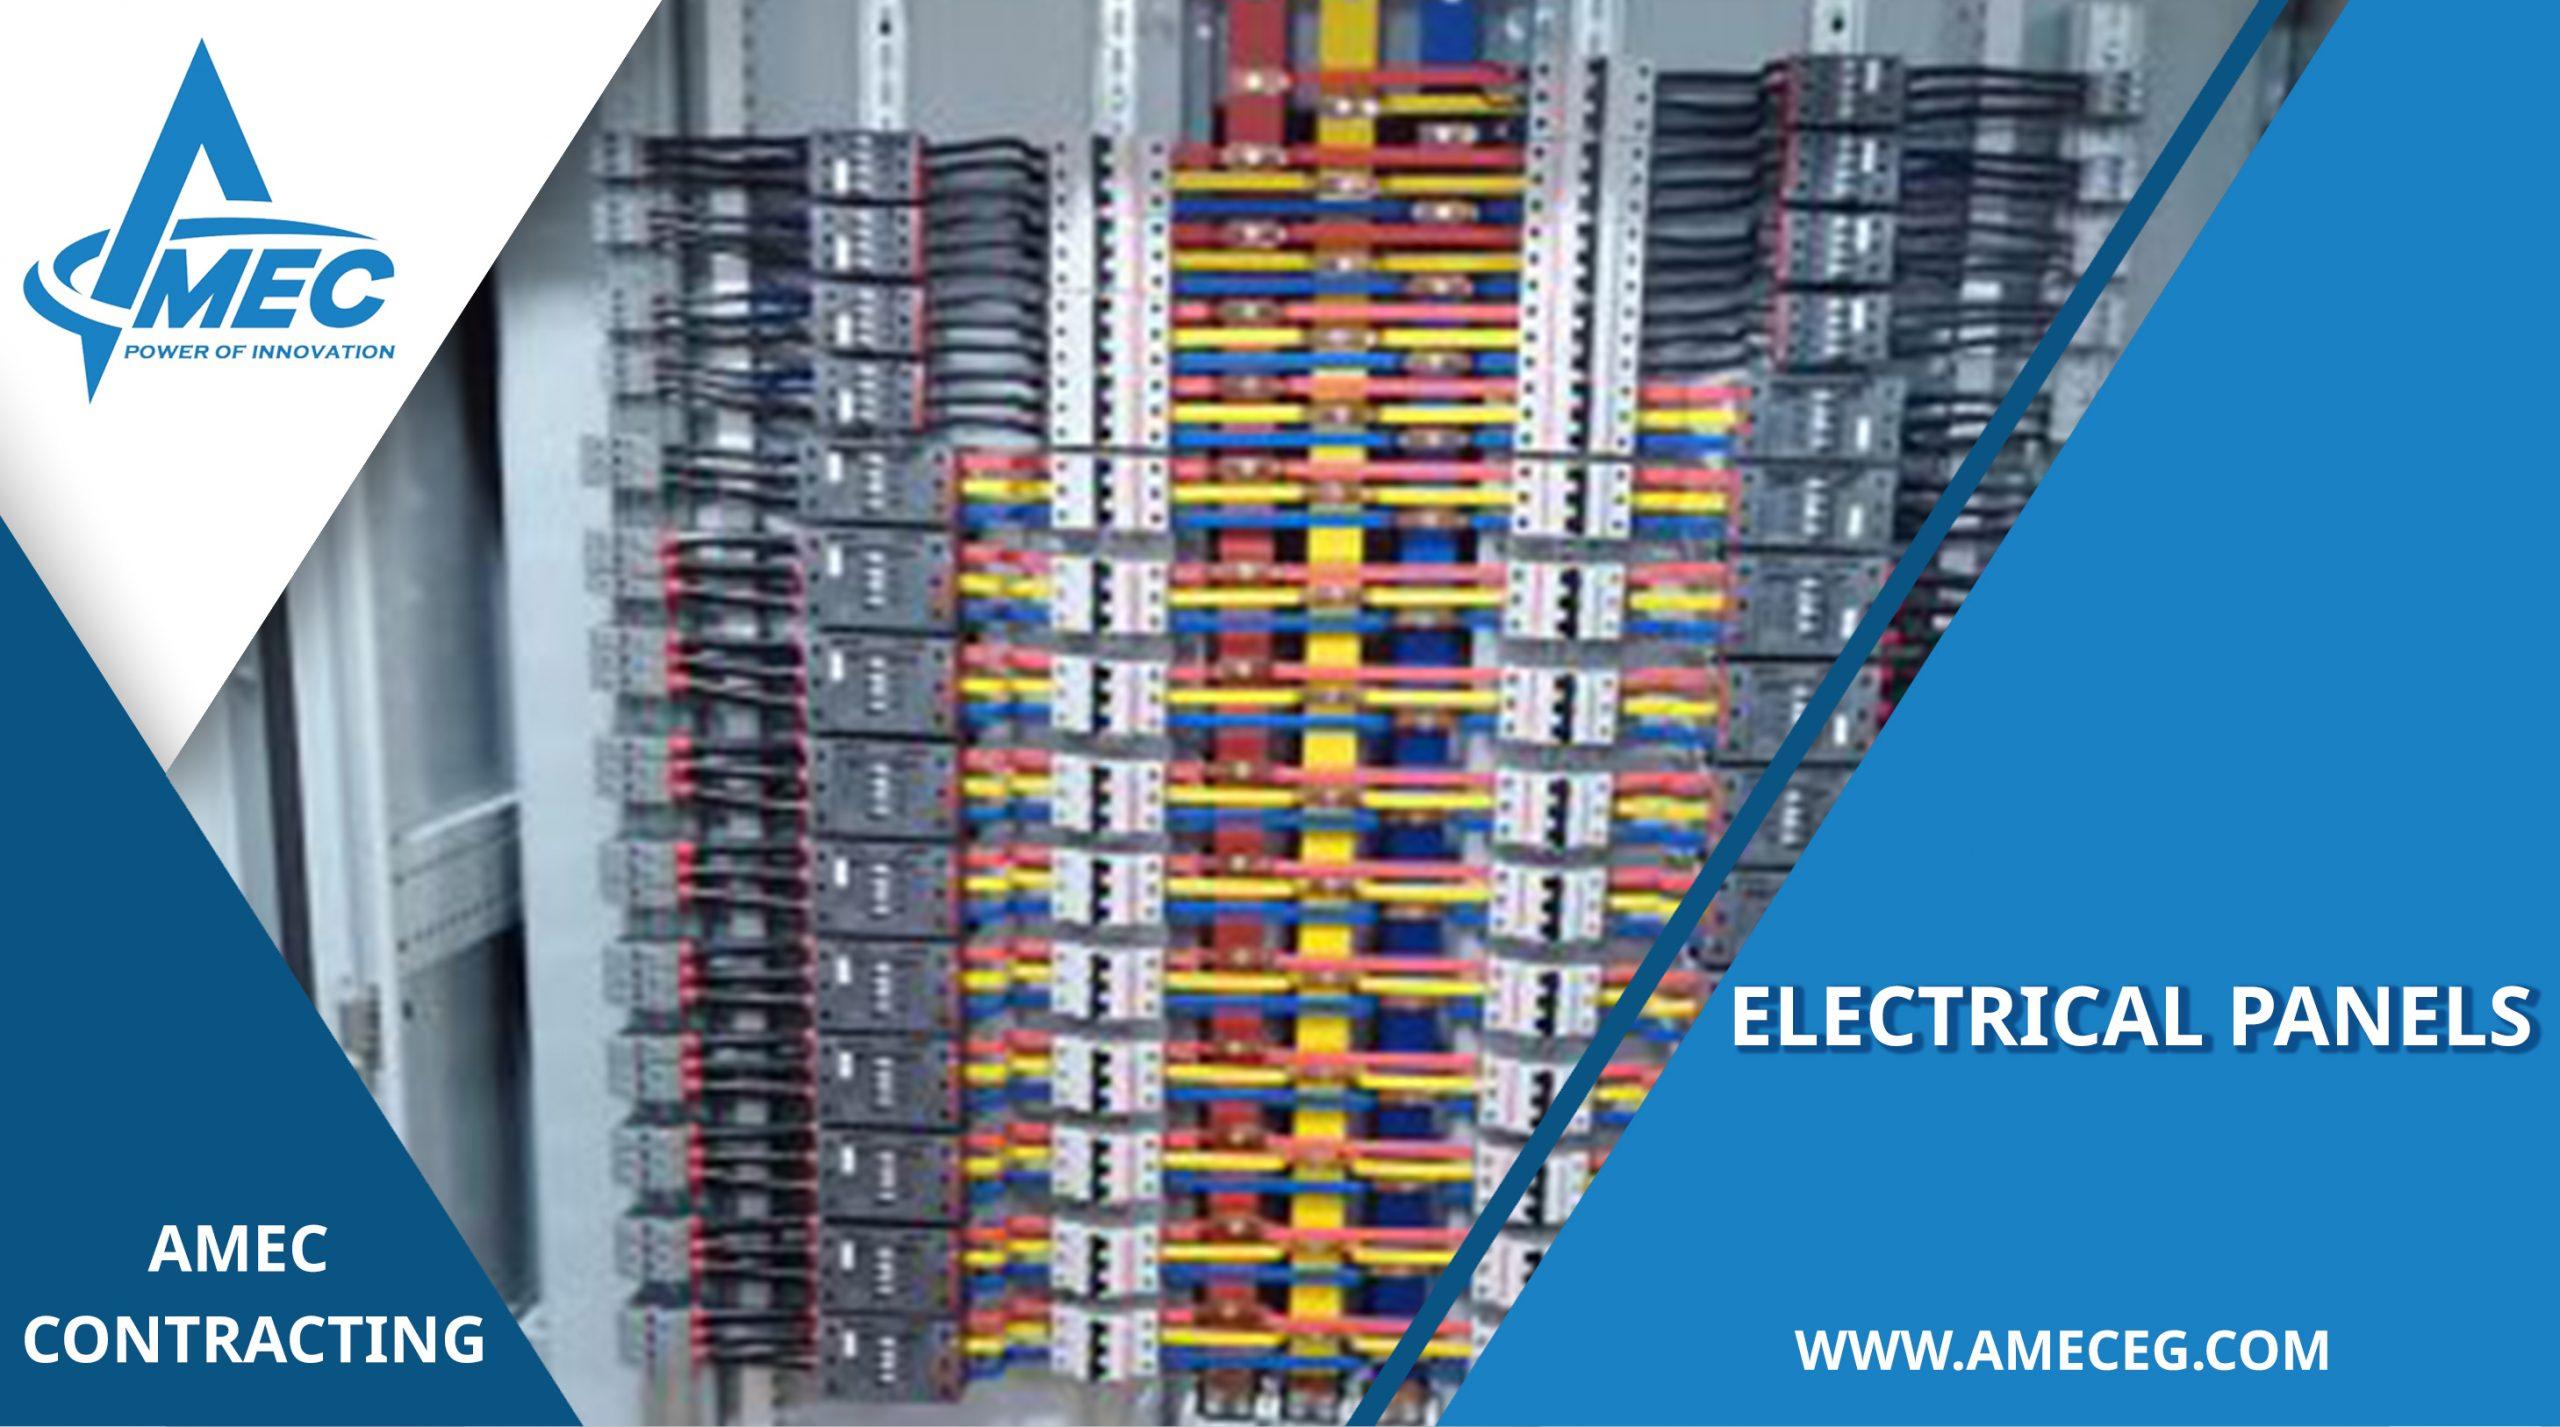 شركات تصنيع لوحات الكهرباء فى مصر